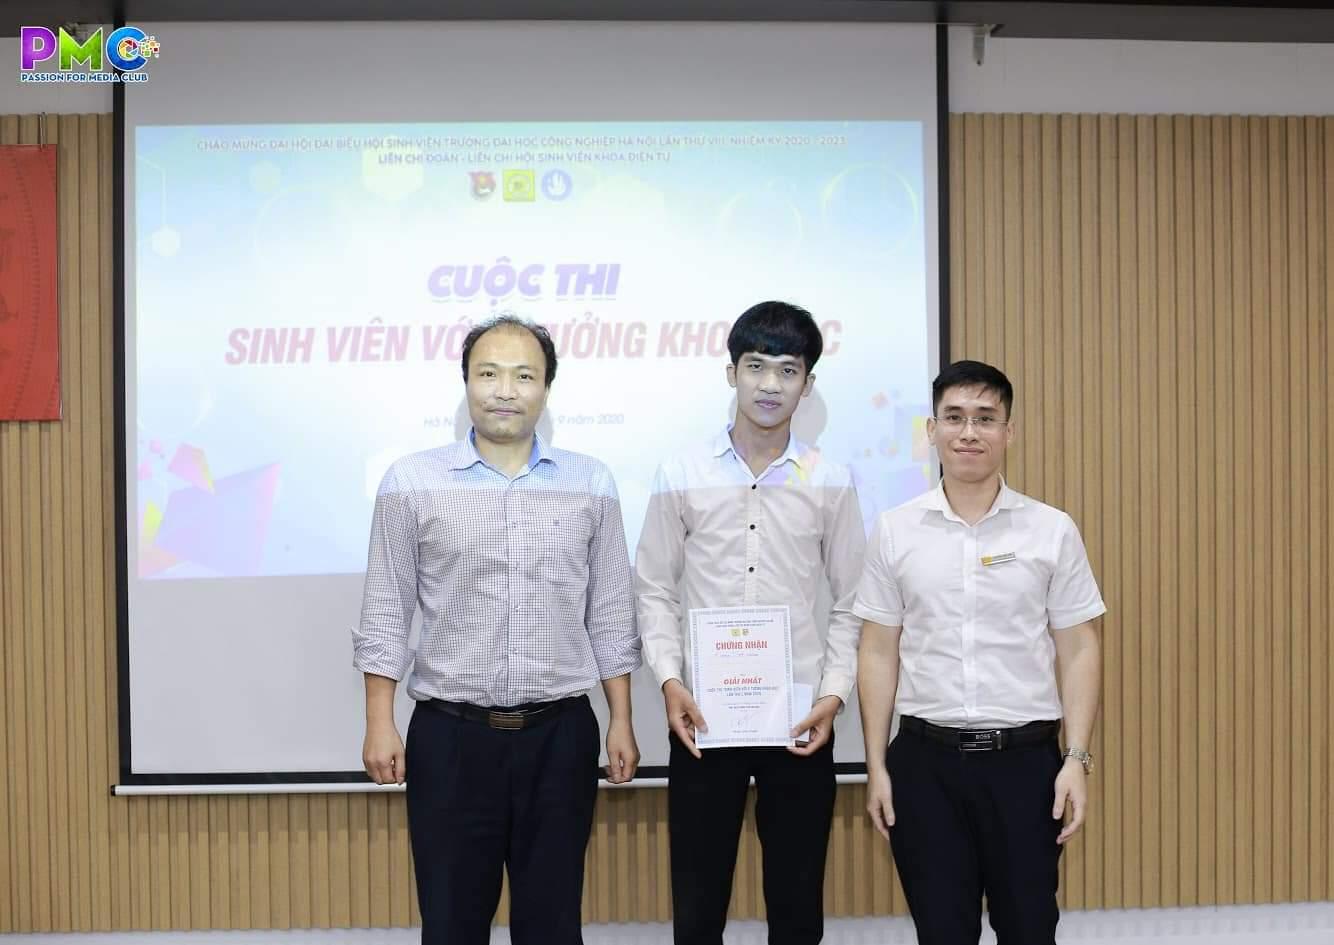 Chung kết và Bế mạc cuộc thi sinh viên với ý tưởng khoa học - Student's scientific ideas 2020